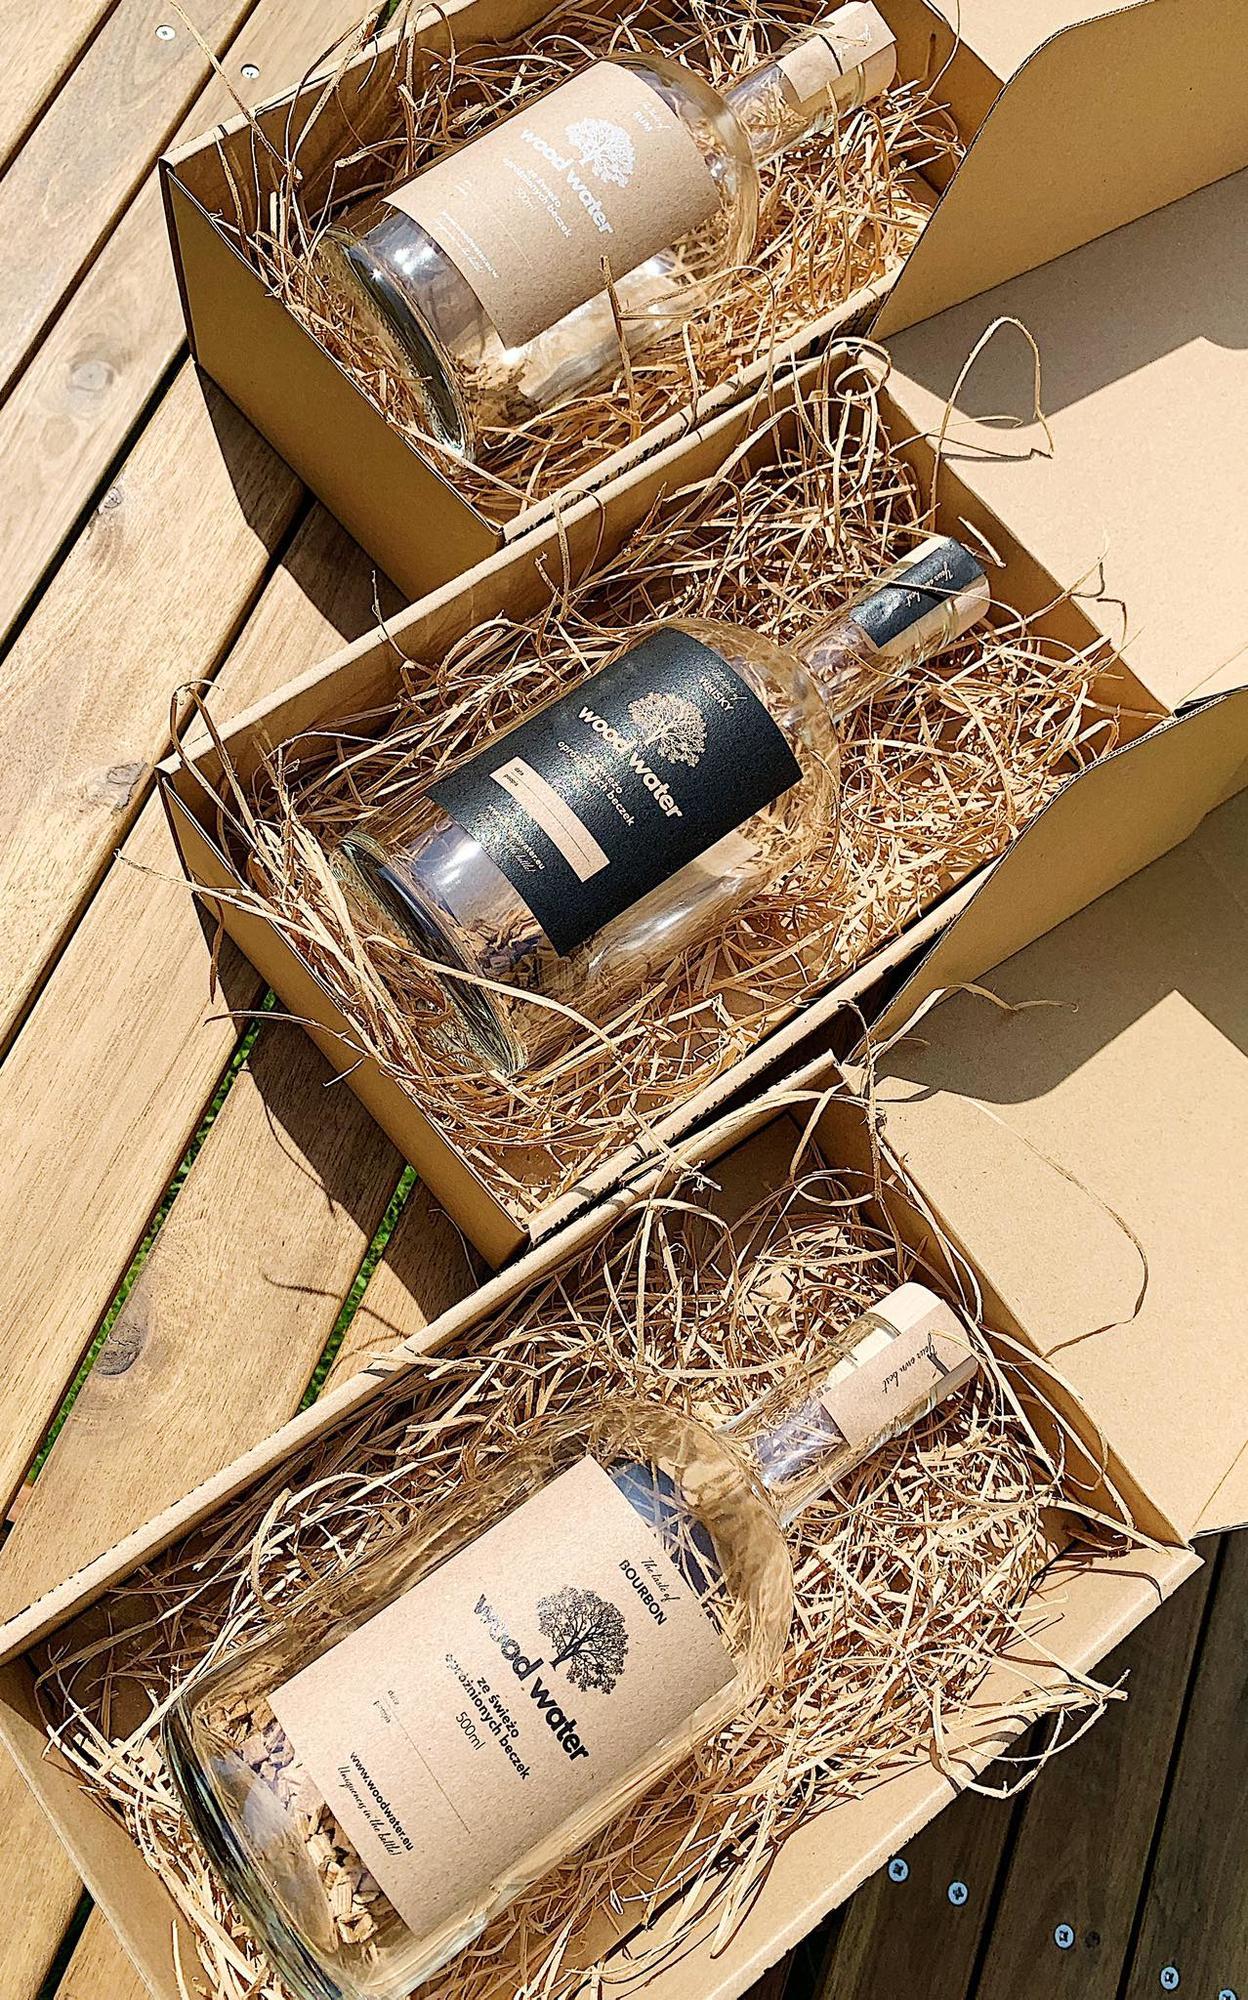 Wood Water to elegancki, smaczny i intrygujący pomysł na prezent! Wyróżnia się również prostotą – płatki wystarczy zalać dowolnie wybranym alkoholem i od tego momentu możemy obserwować zmieniający się kolor i poczuć oryginalny smak oraz zapach. Płatki drewniane są uzyskiwane w procesie rozdrobnienia świeżo opróżnionych beczek dębowych, które przesiąknęły leżakującym w nich alkoholem. Posiadają one doskonały aromat, dzięki czemu łagodzą zapach czystego alkoholu i dodatkowo nadają mu oryginalnego koloru. W prezentowanym zestawie oferujemy elegancką butelkę z drewnianymi płatkami pozyskanymi z dębowych beczek po whisky/rum/bourbon, które wystarczy zalać czystym alkoholem by uzyskać nietuzinkowy efekt. W zestawie: 1 butelka o pojemności 500 ml, płatki drewniane pozyskane z dębowych beczek po whisky/rum/bourbon, instrukcja obsługi, ozdobne opakowanie. Własnoręcznie zapakowany przez nas produkt zostanie do Ciebie przesłany w wyjątkowym pudełku. Dokładamy wszelkich starań, aby nasi klienci by